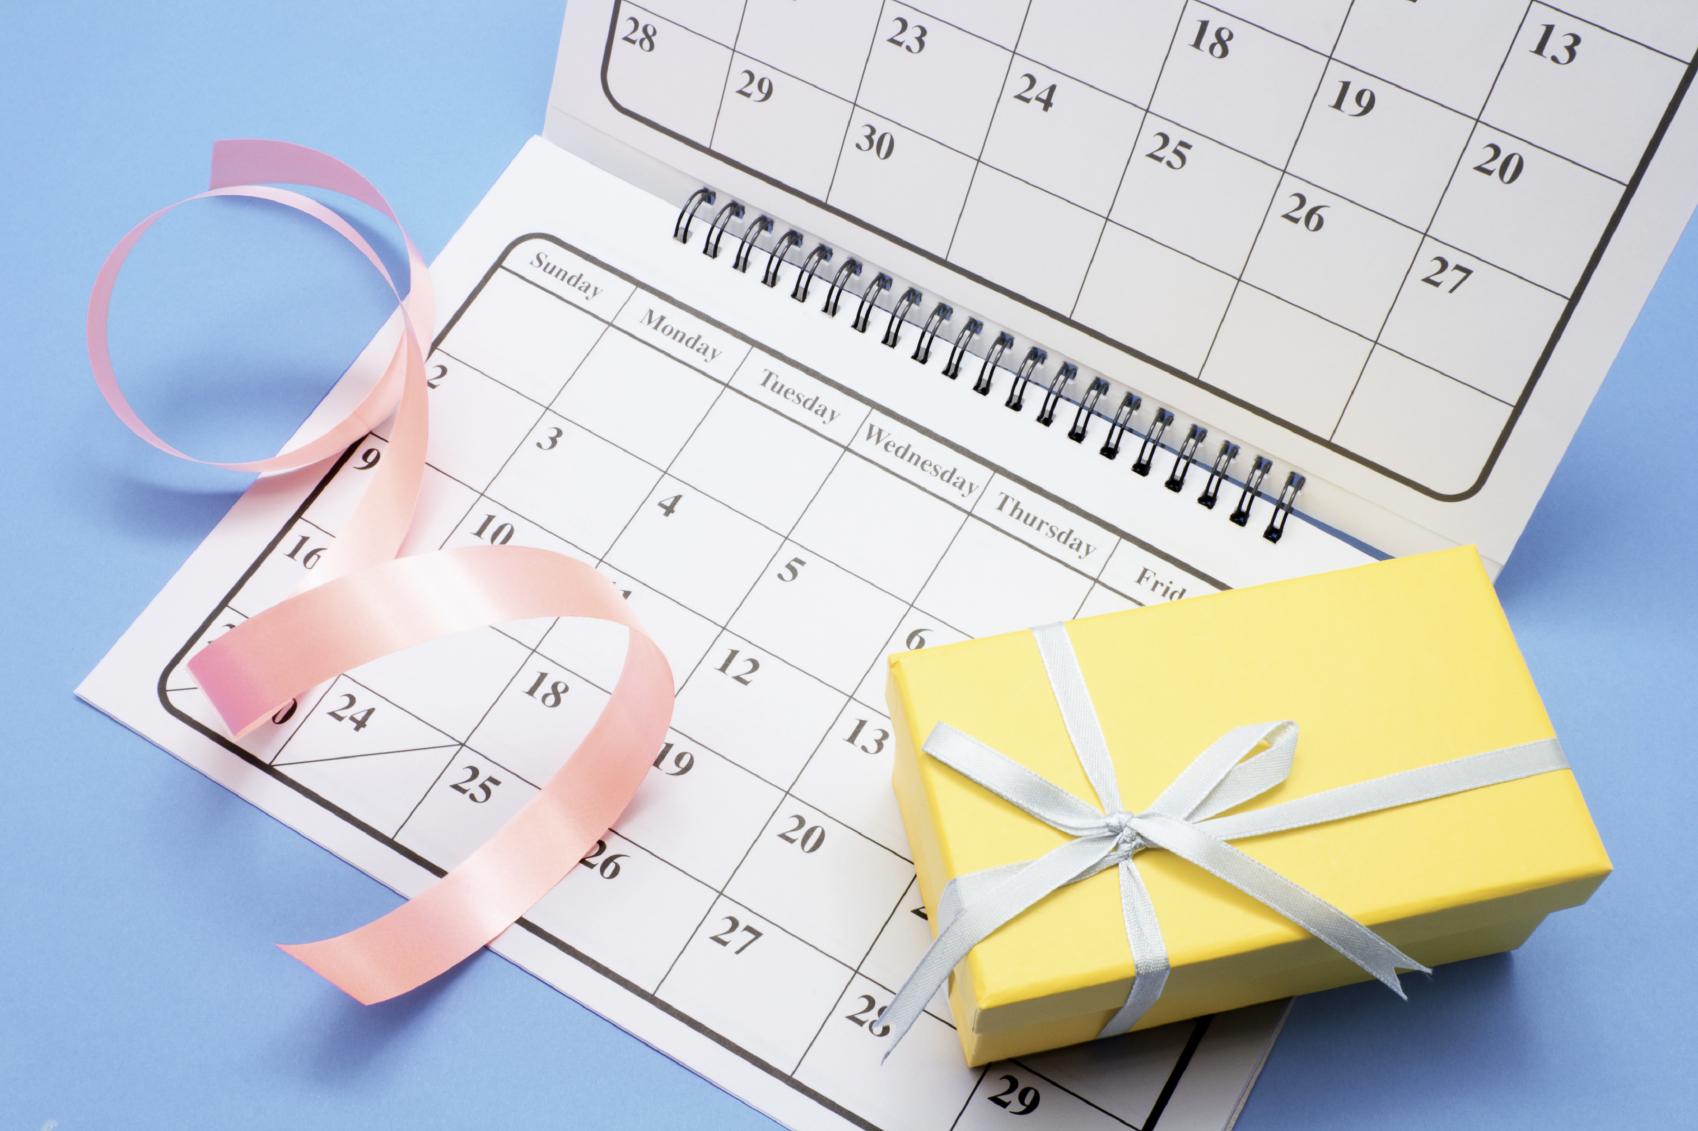 diy kalender als geschenk tipps zum selberbasteln und gestalten online blog. Black Bedroom Furniture Sets. Home Design Ideas